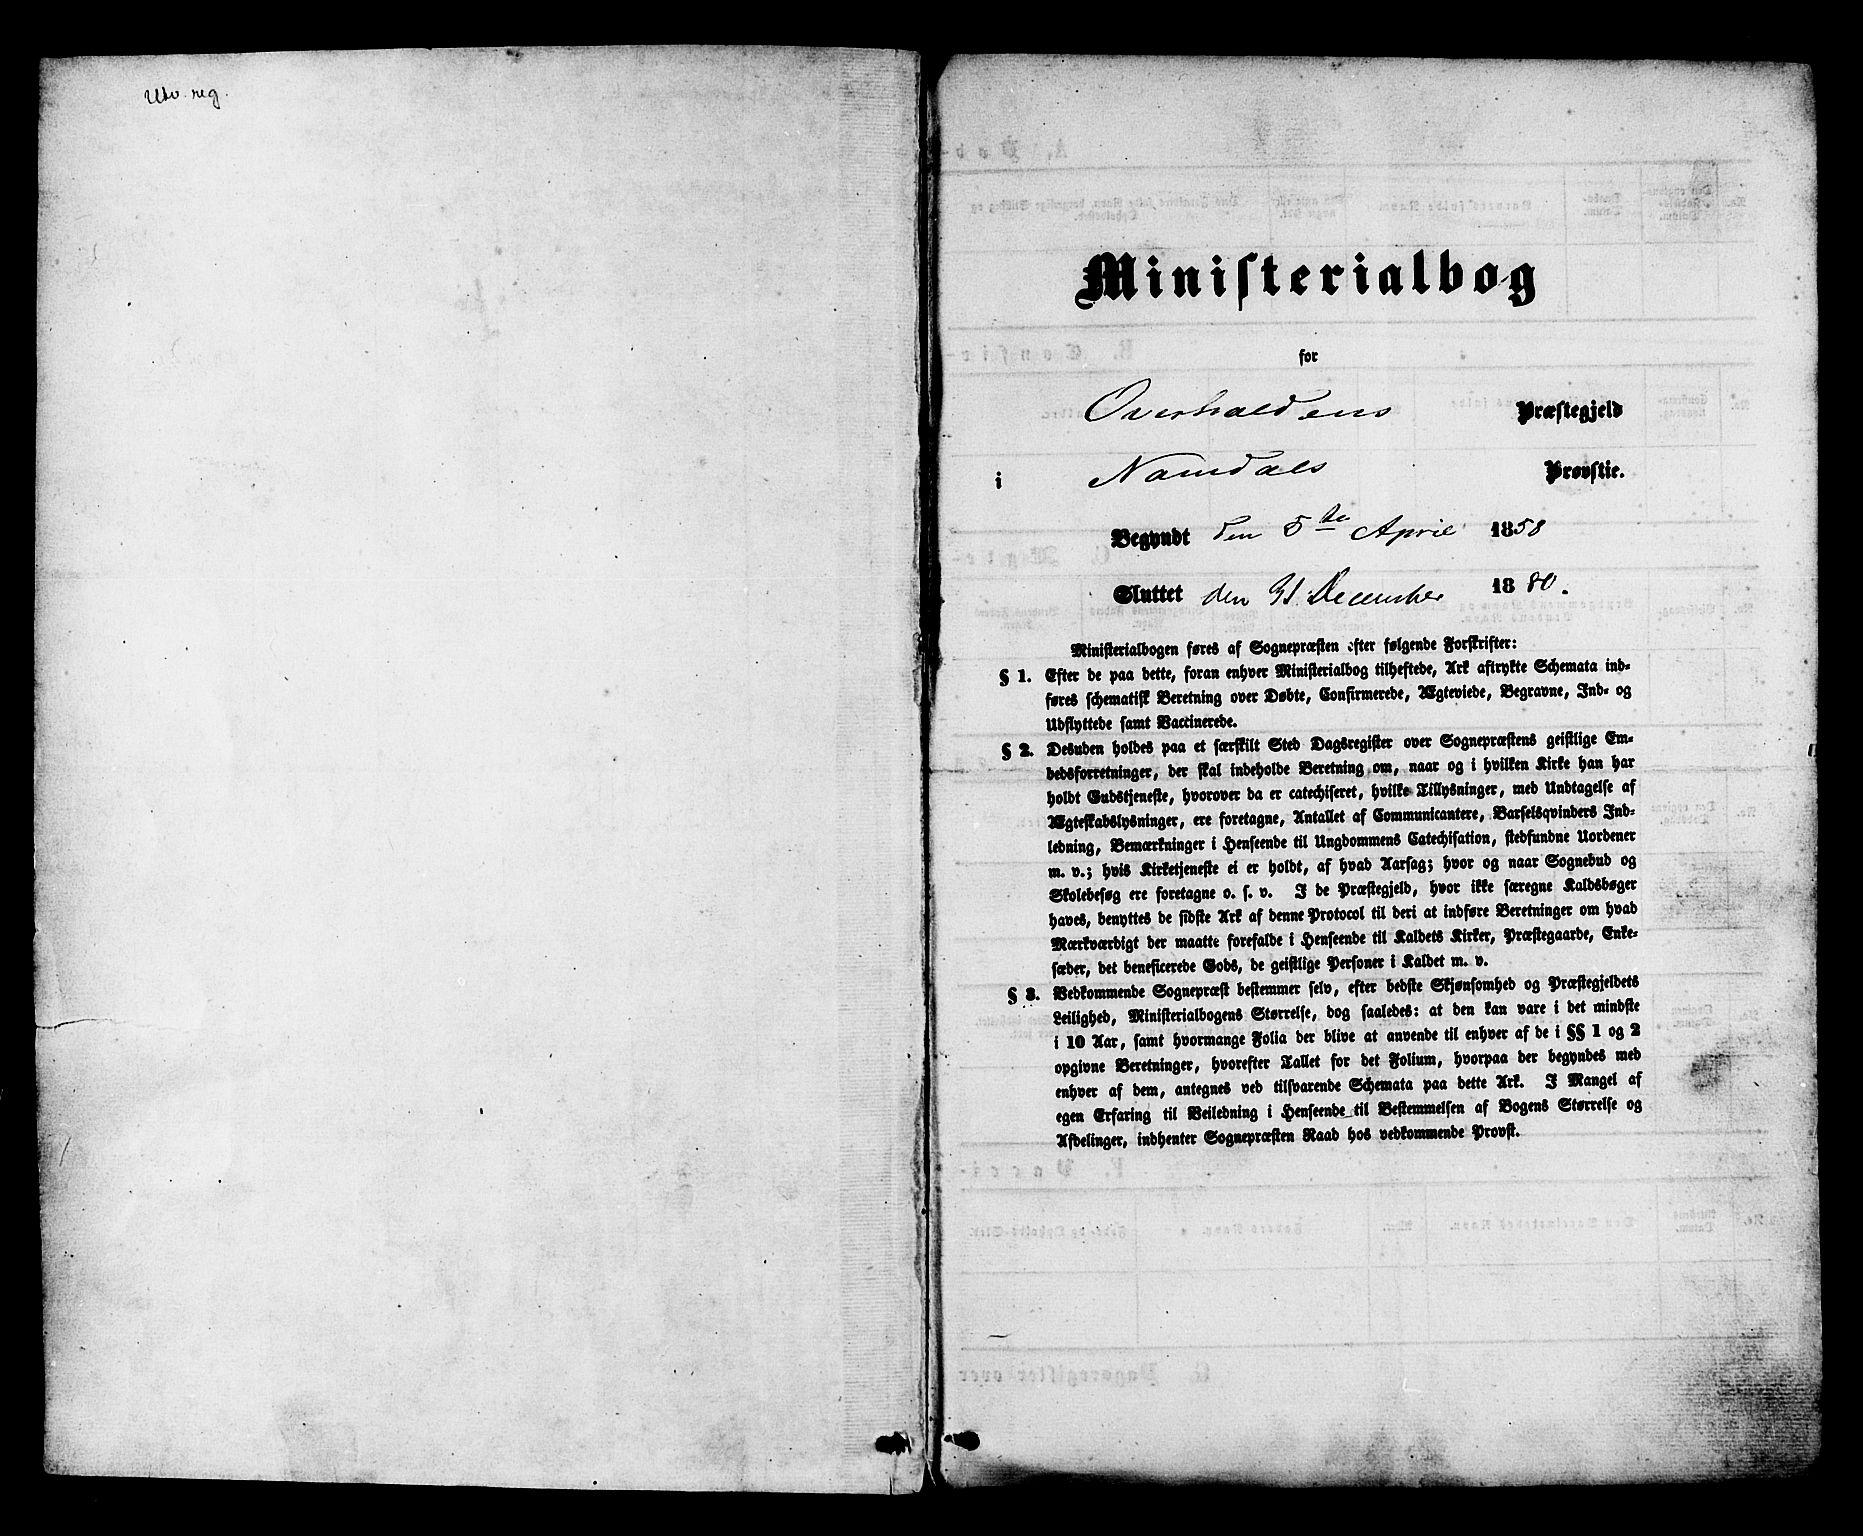 SAT, Ministerialprotokoller, klokkerbøker og fødselsregistre - Nord-Trøndelag, 764/L0553: Ministerialbok nr. 764A08, 1858-1880